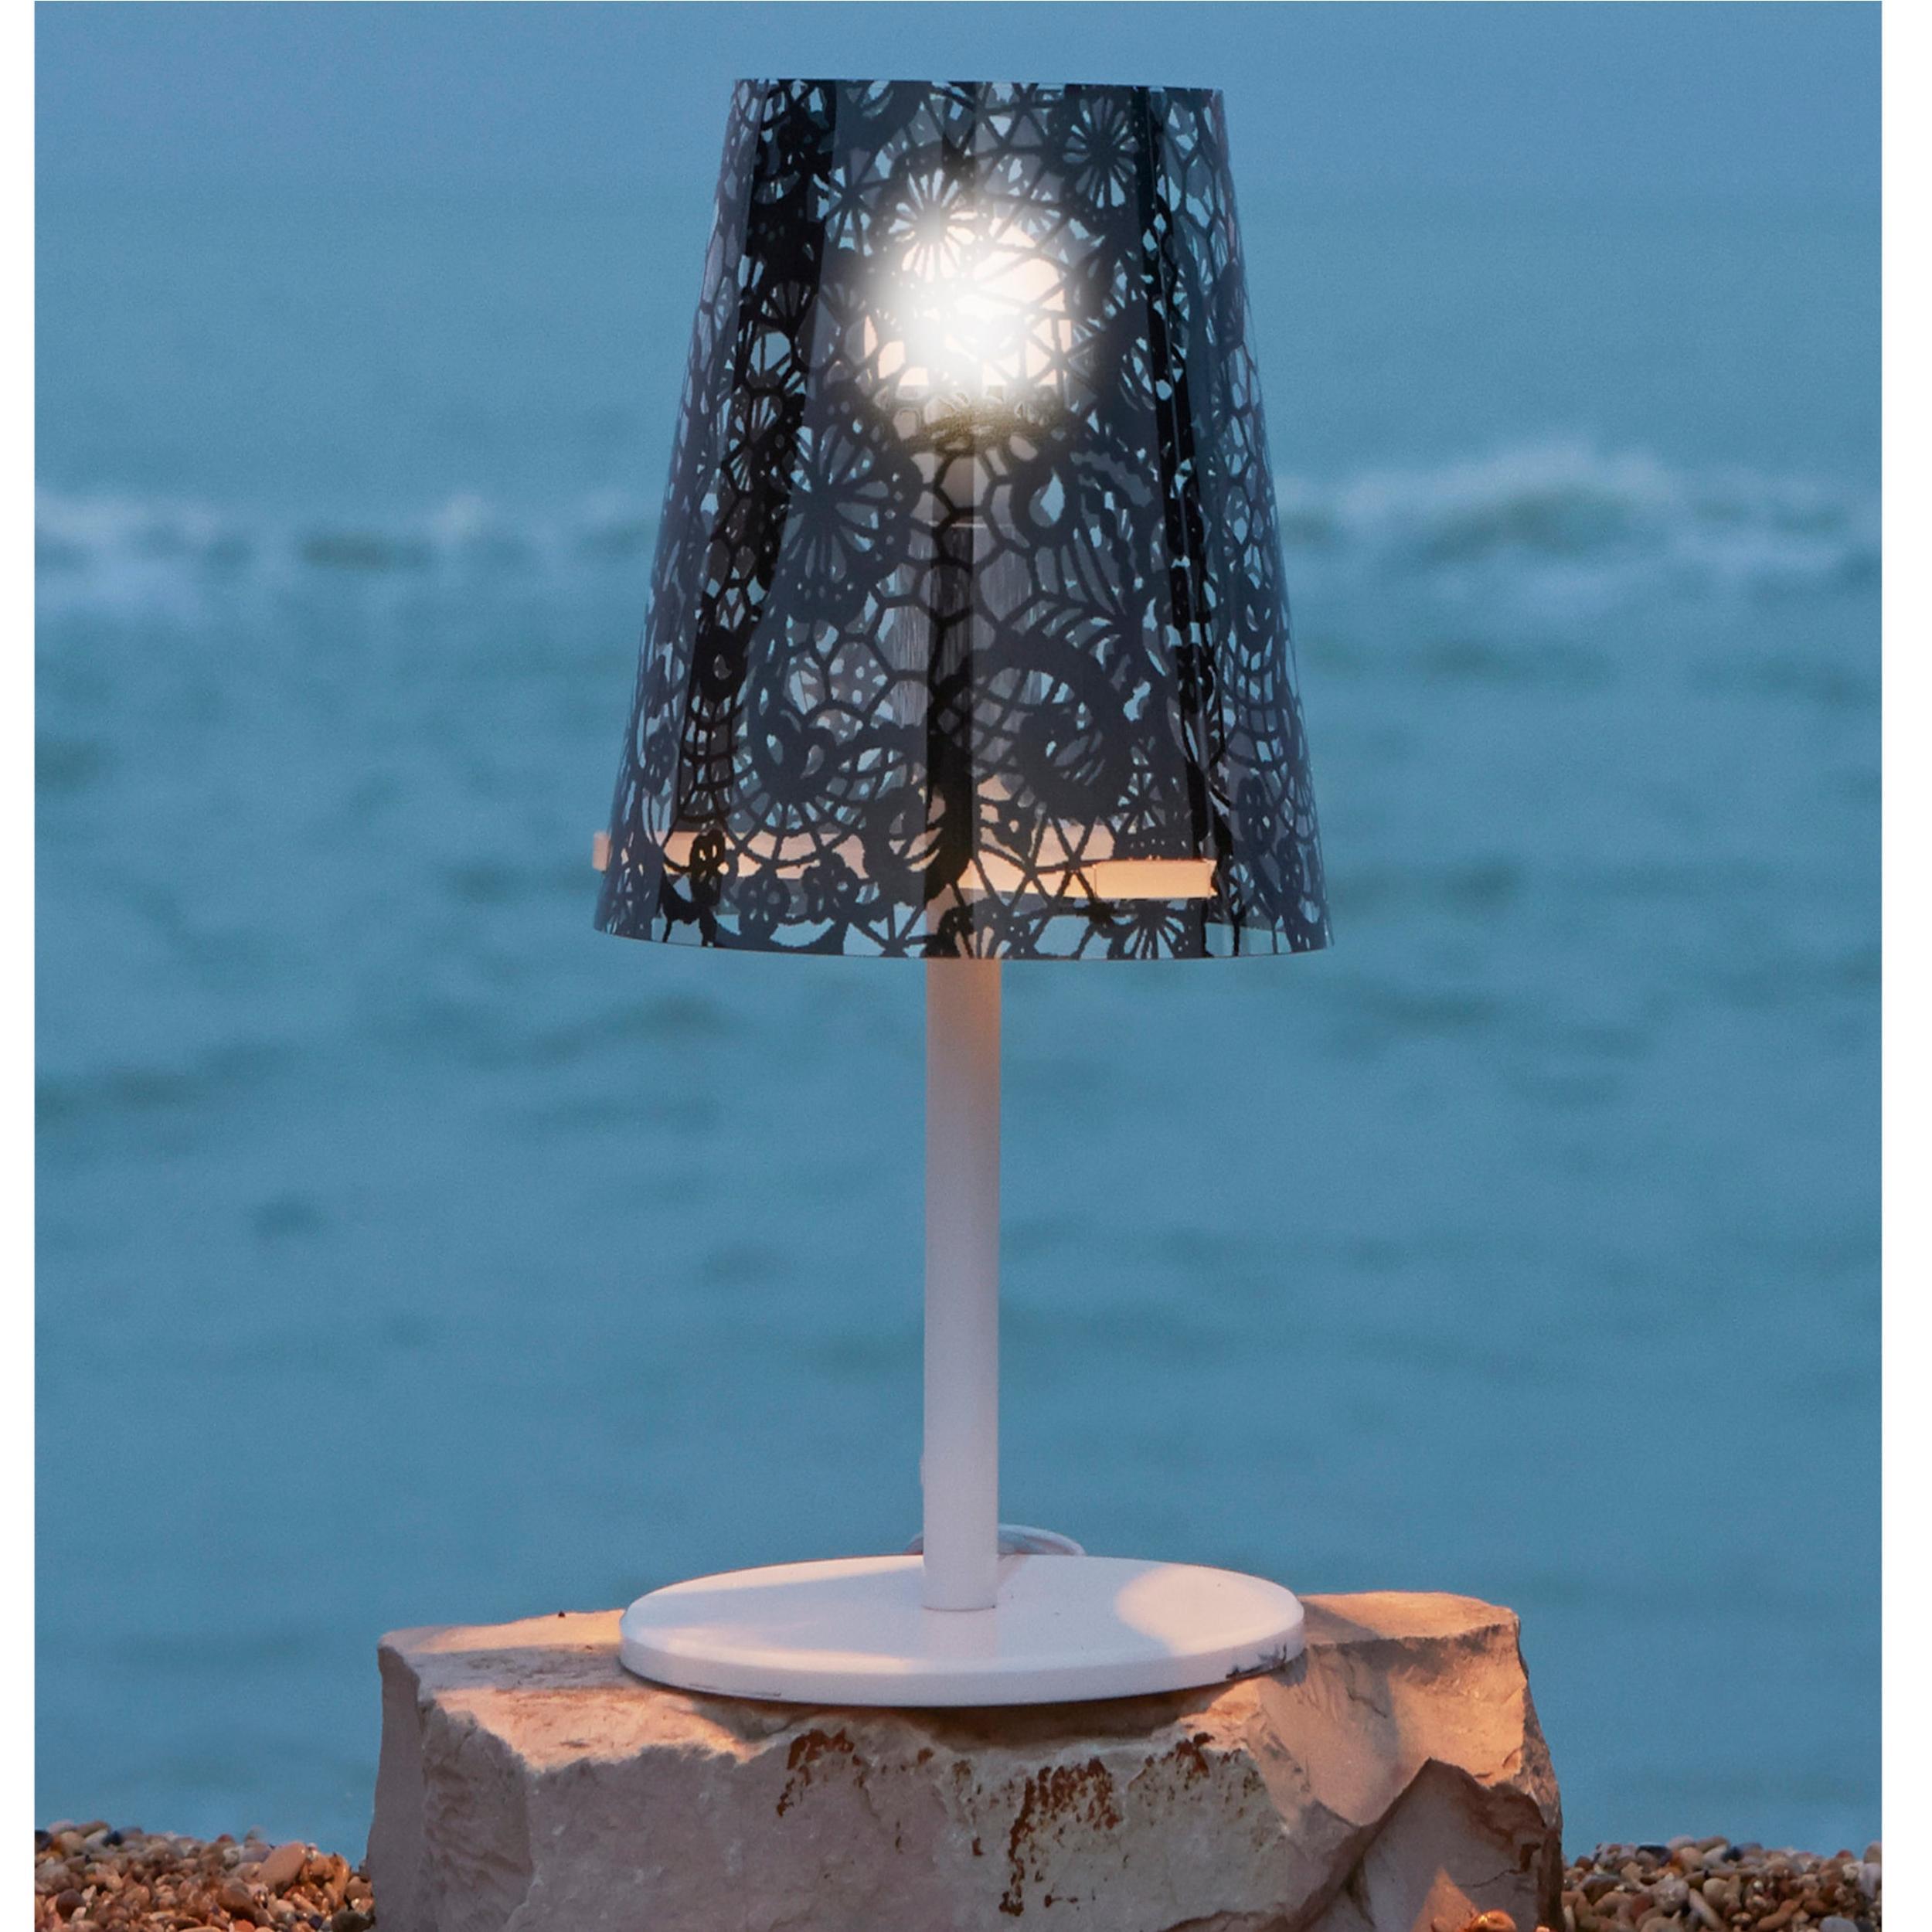 Lampada da tavolo con paralume PIXI PIZZO 30xh56 cm con paralume in policarbonato decorato texture pizzo nero   Emporium